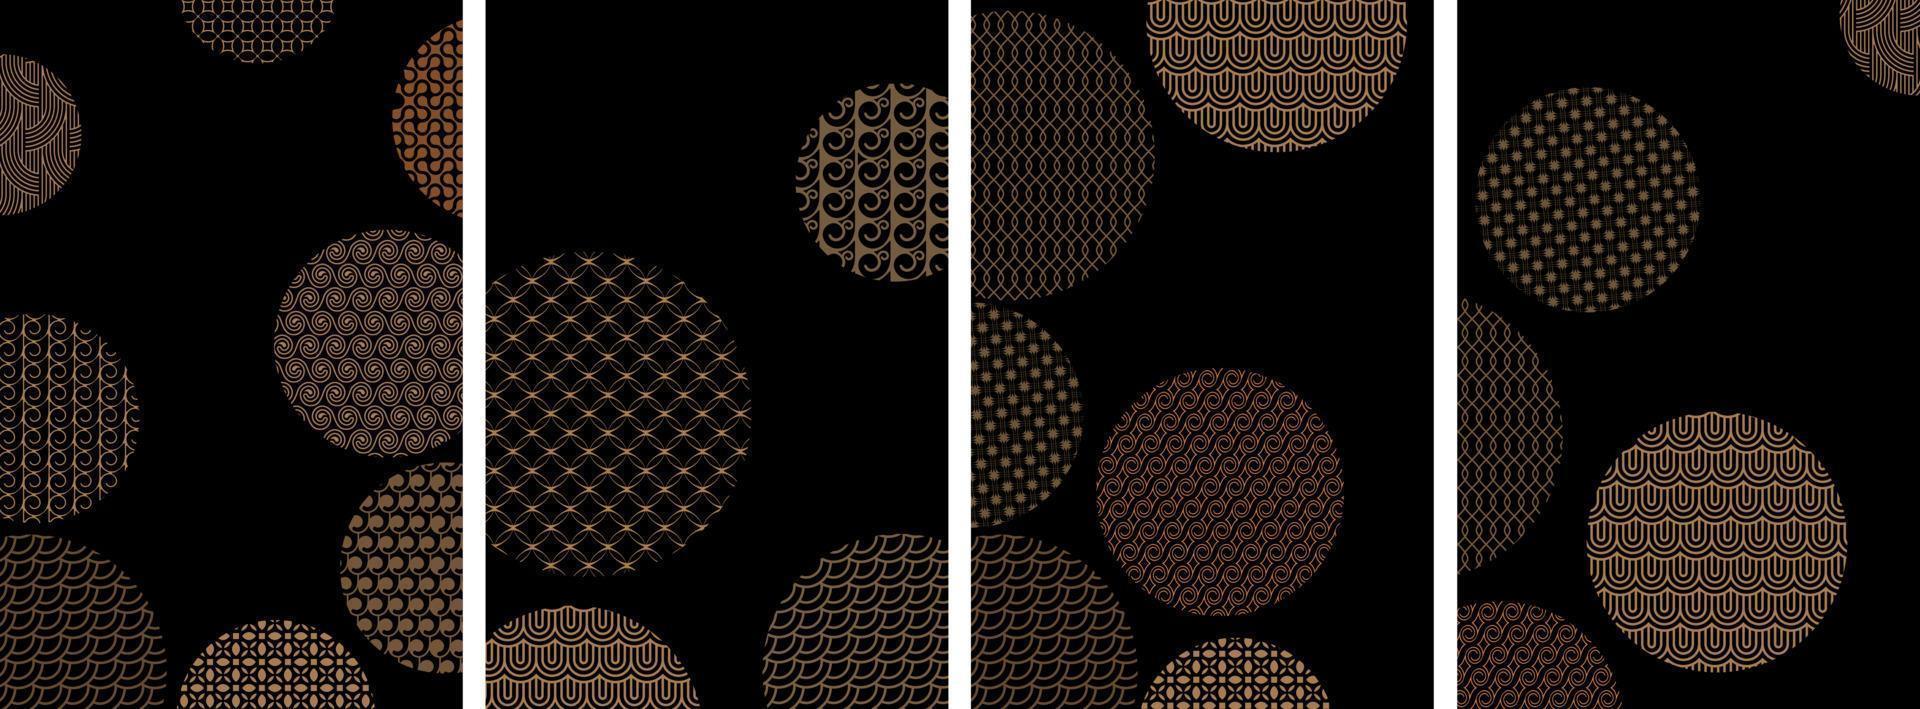 capas com círculos e diferentes padrões geométricos dourados em preto, conjunto de vetores